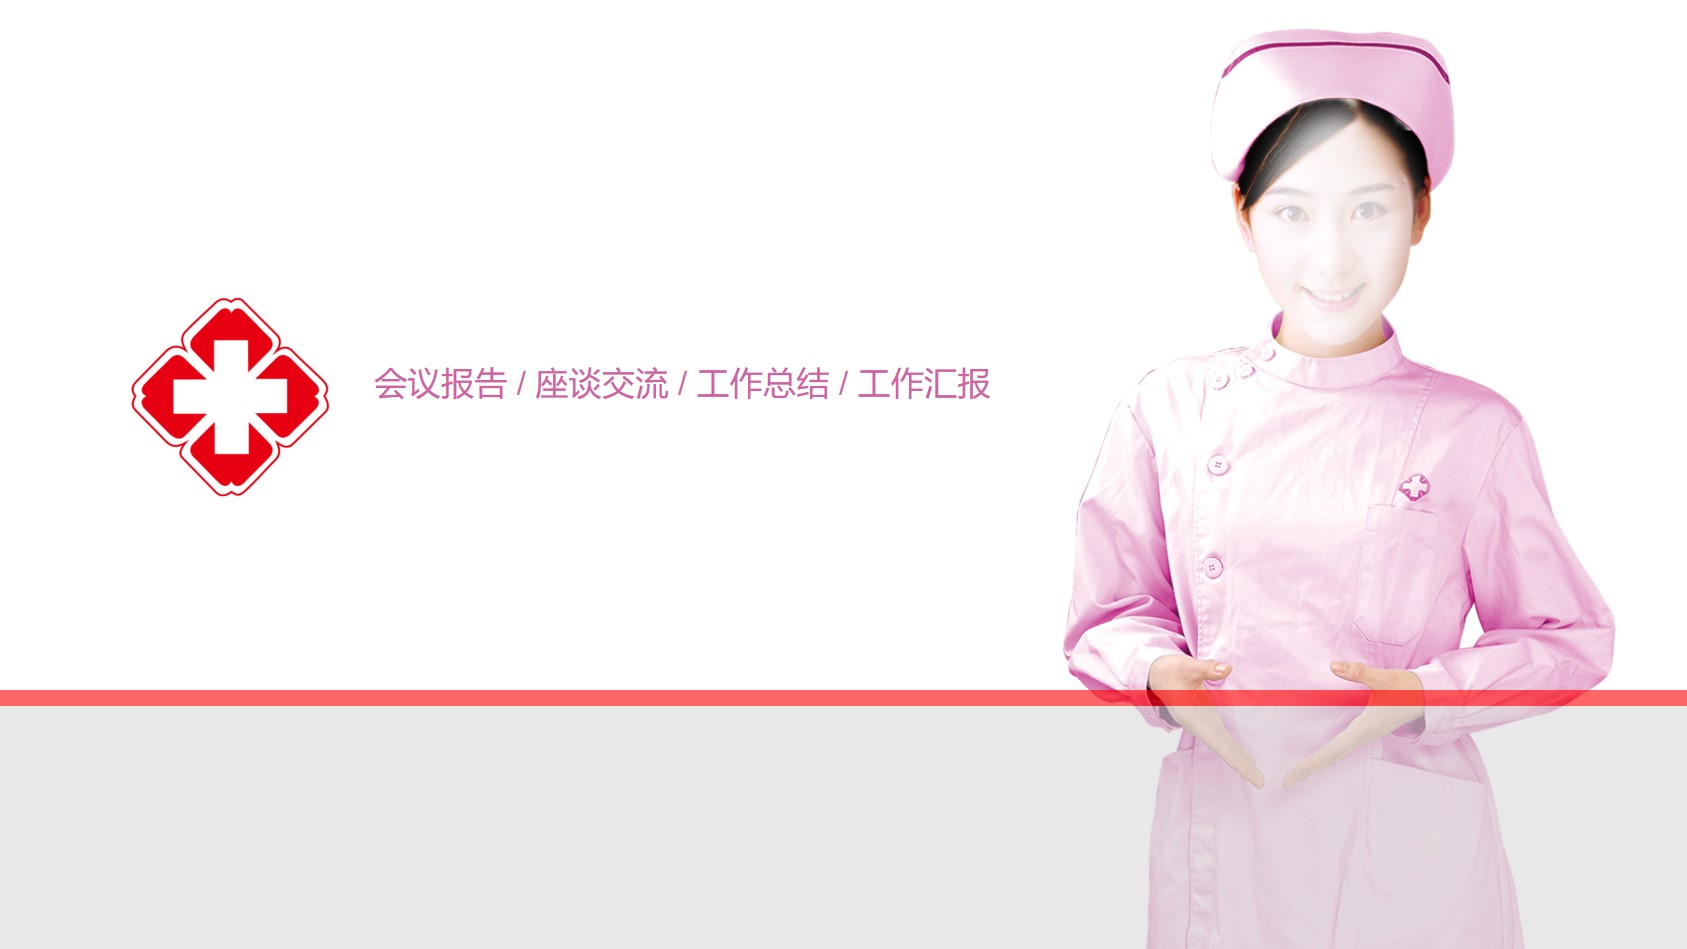 护士护理礼仪培训PPT模板